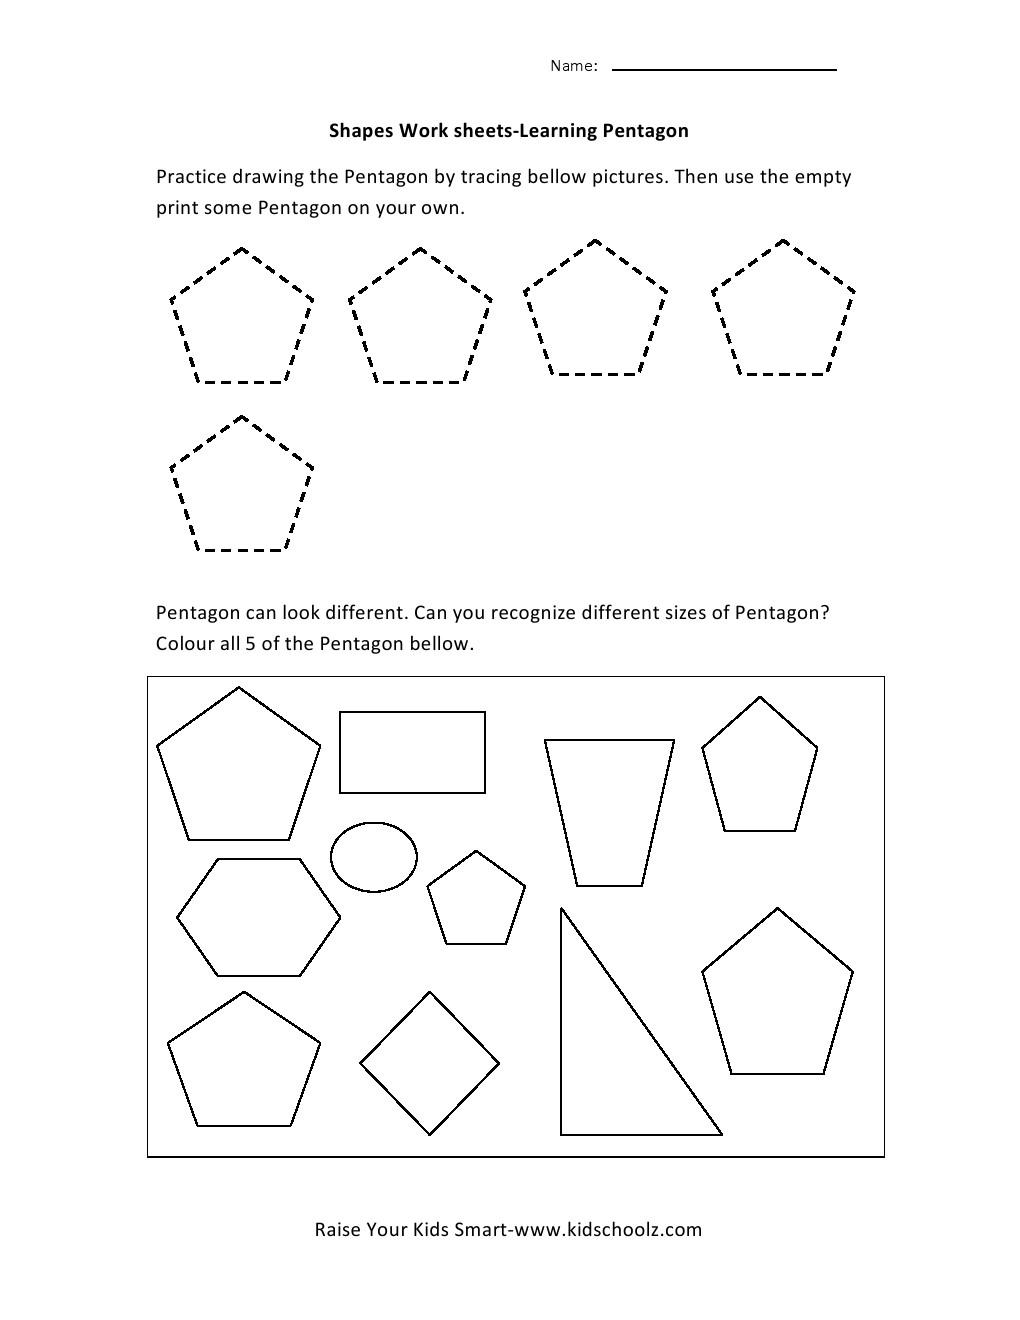 Learning Shapes Worksheets - Pentagon - Kidschoolz